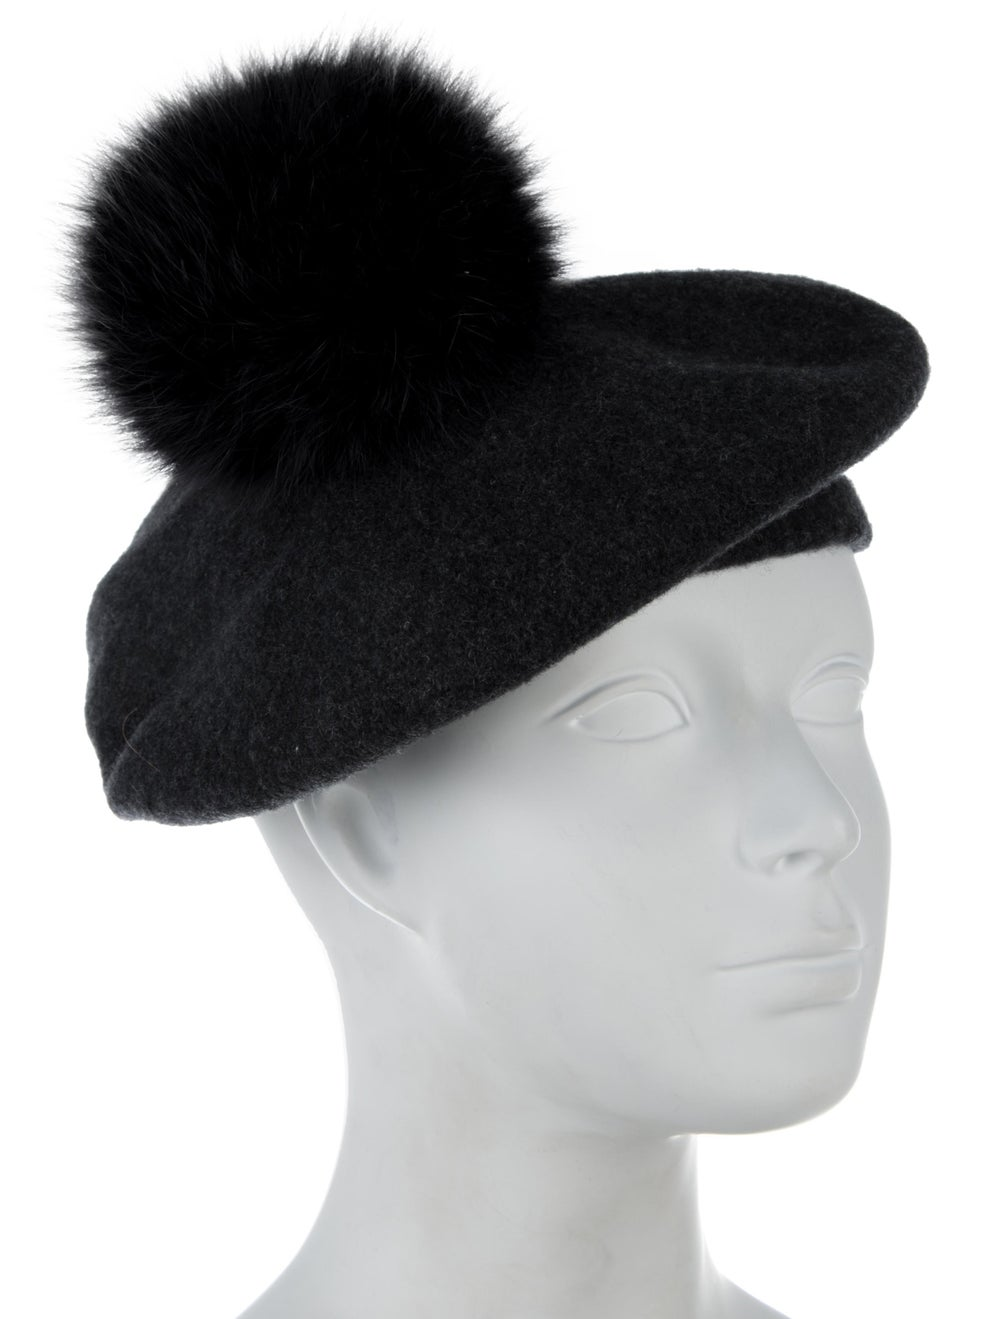 Lola Wool Pom-Pom Beret Grey - image 3